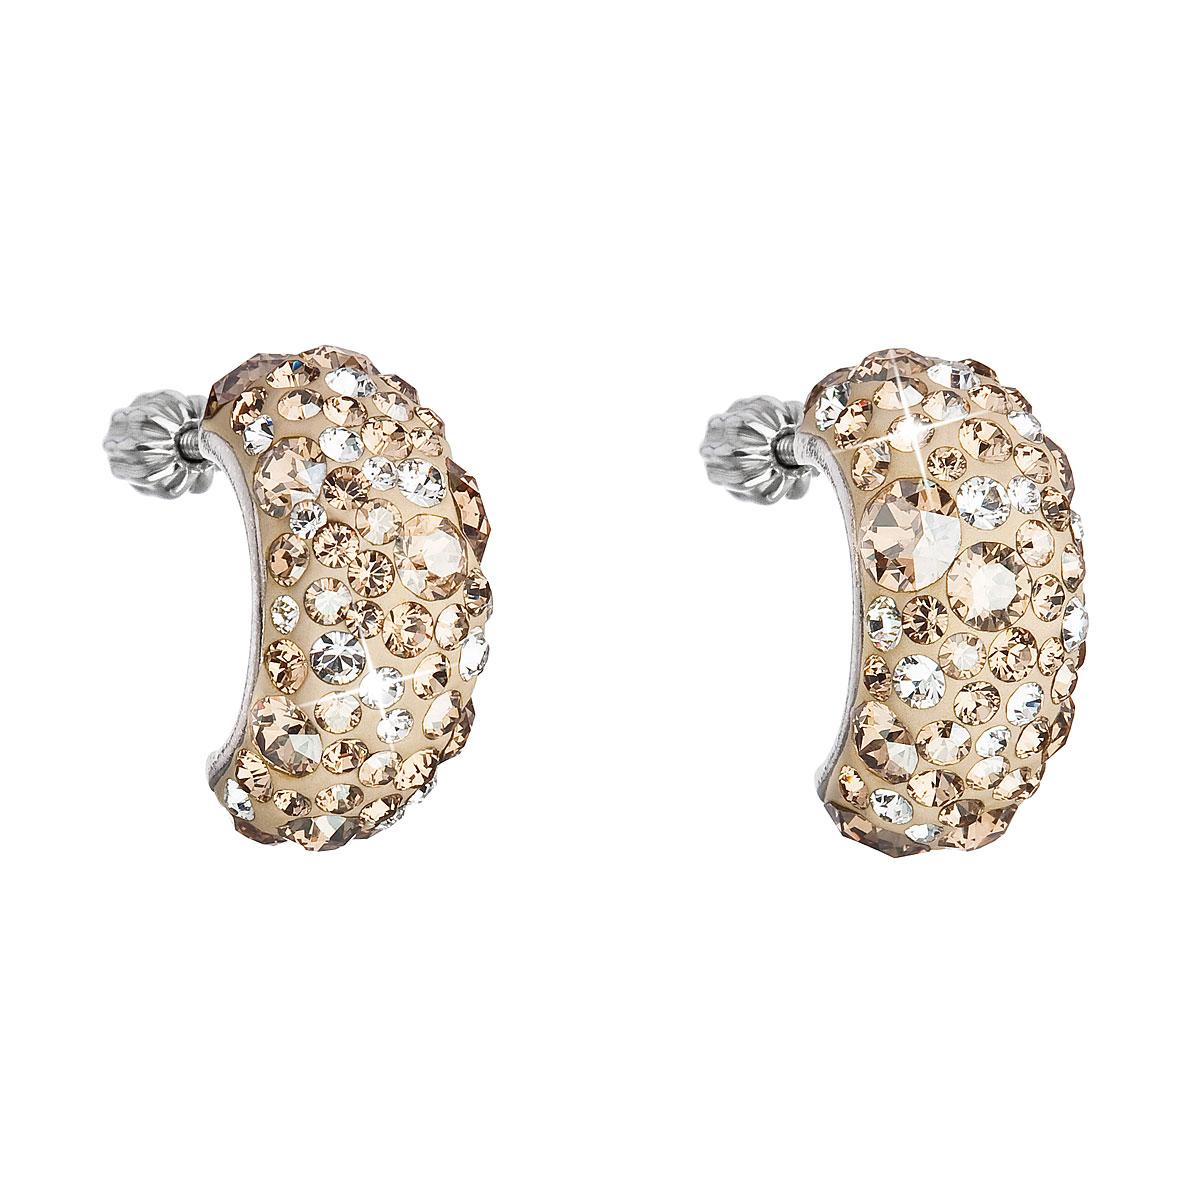 Evolution Group Stříbrné náušnice visací s krystaly Swarovski zlatý půlkruh 31164.5, dárkové balení